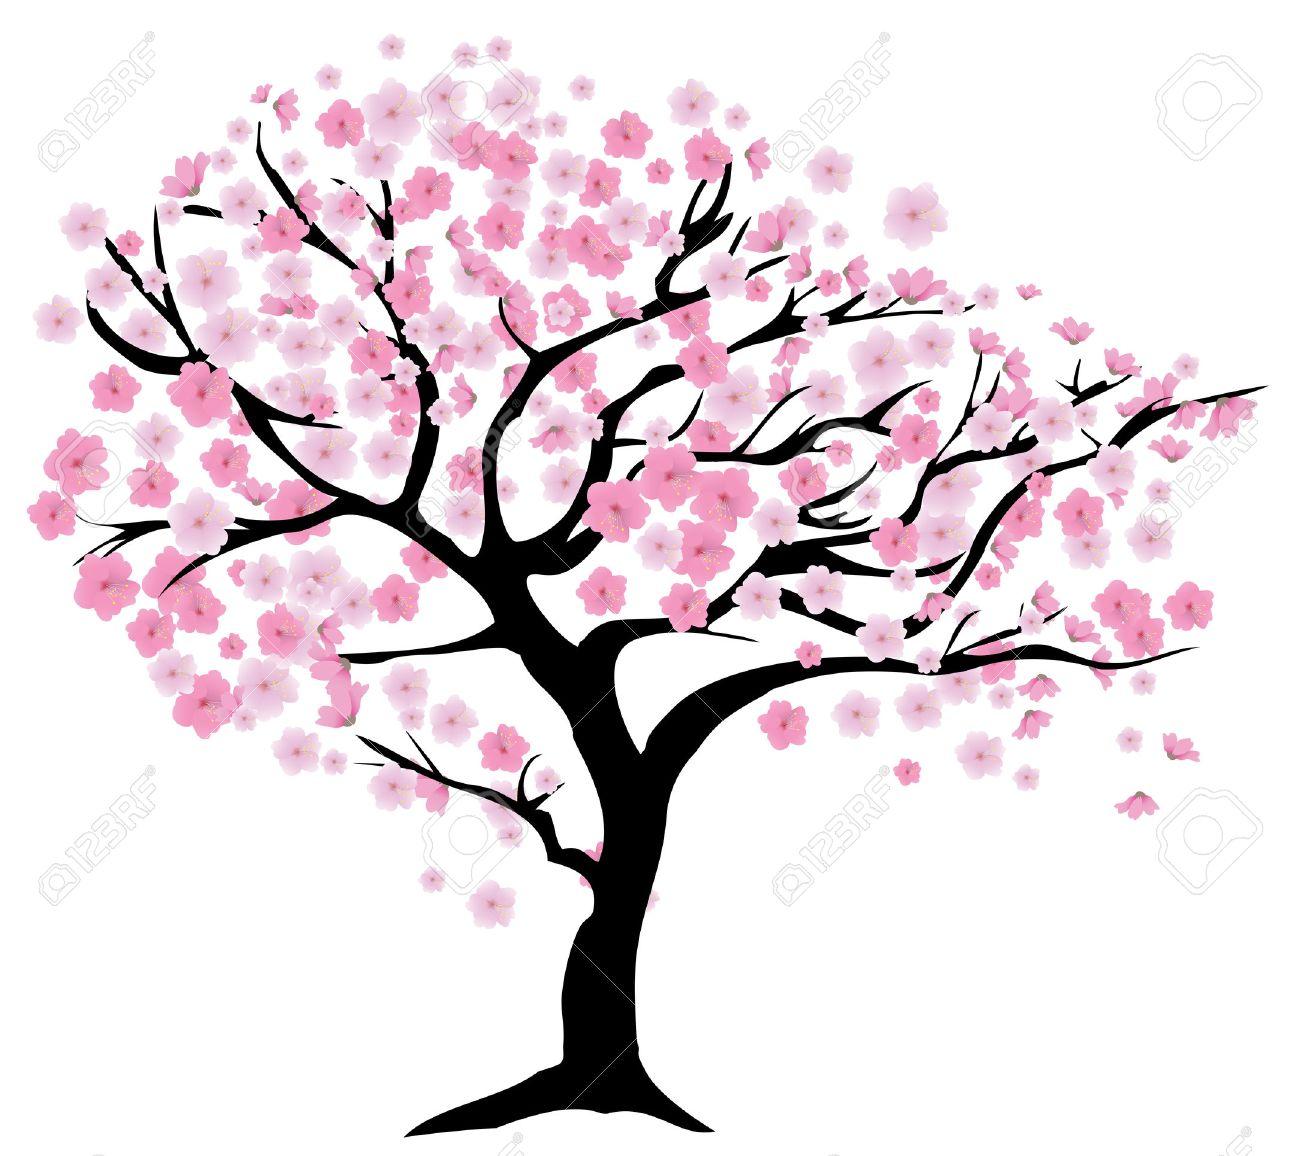 Ilustración Vectorial De Un árbol De Cerezo En Flor Ilustraciones